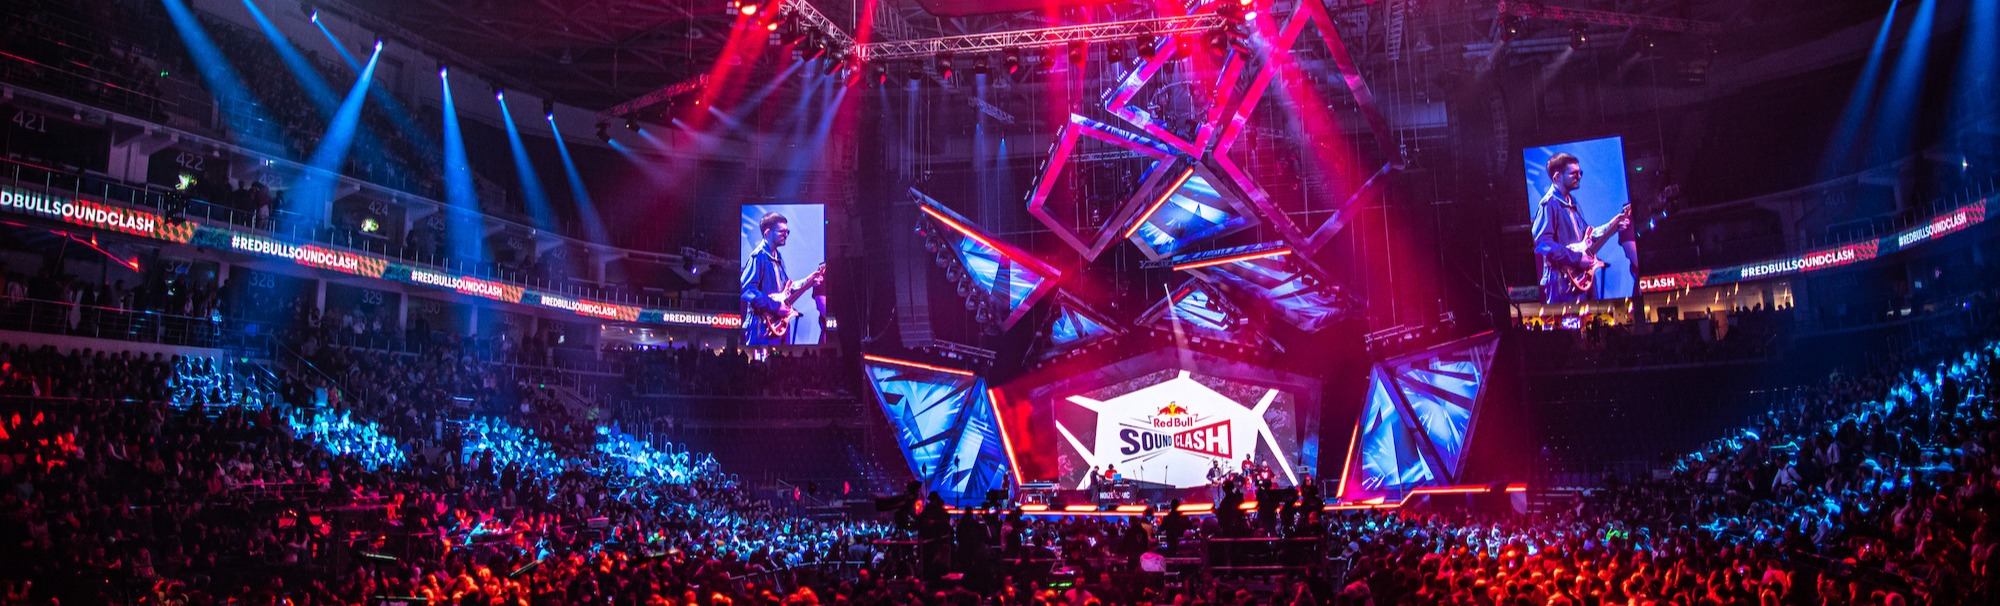 Ленинград vs Noize MC Red Bull SoundClash